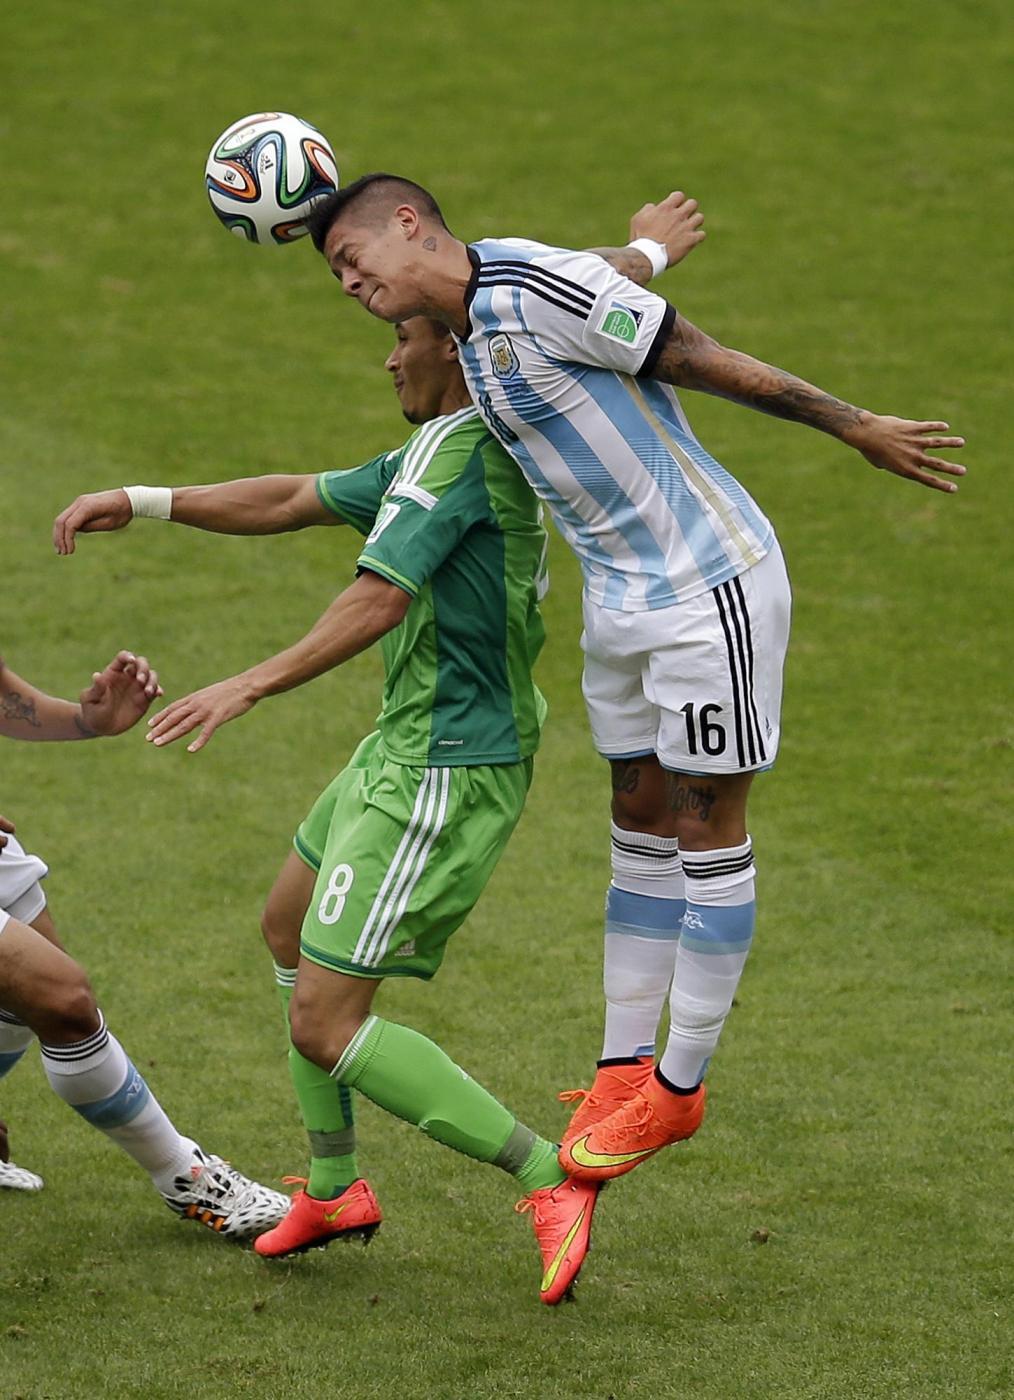 nigeria vs argentina mondiali di calcio 2014 blitz